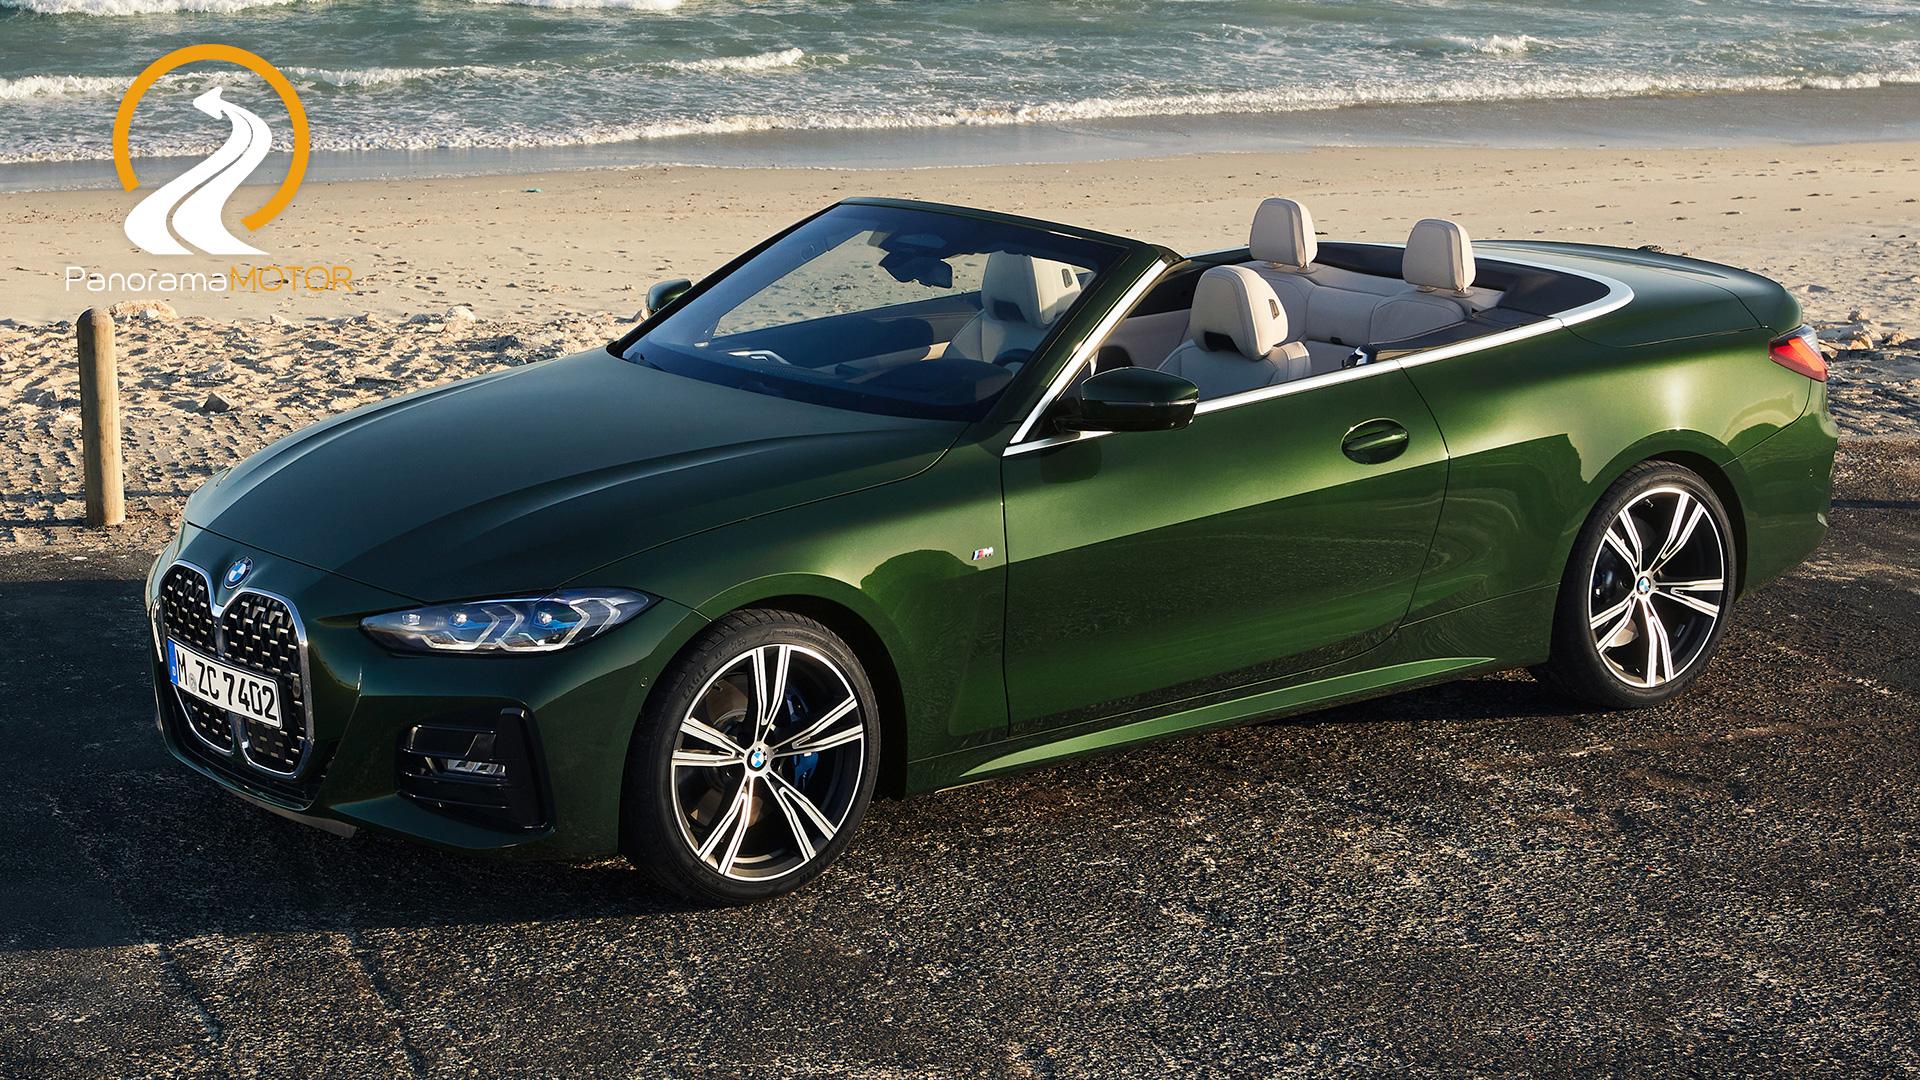 BMW Serie 4 Cabrio 2021 - Panorama Motor